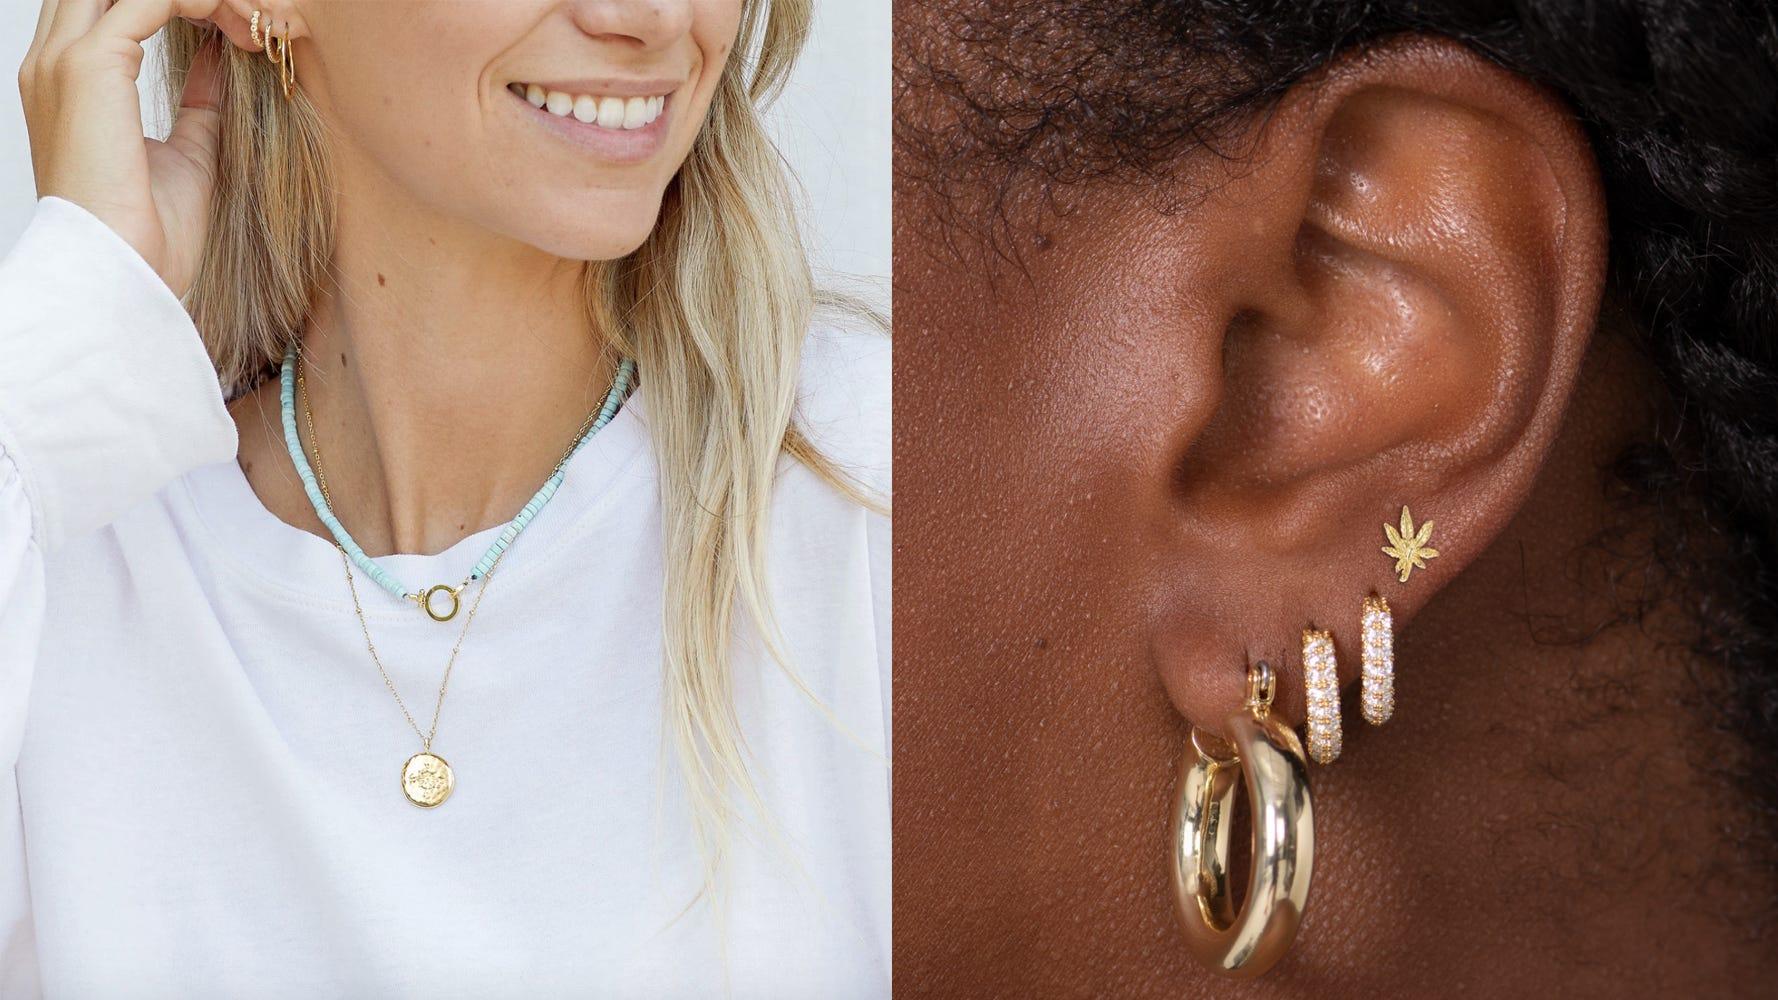 Beautiful earrings Earrings Vintage earrings Vintage jewelry Yellow and brown roses earrings Vintage roses earrings Elegant earrings